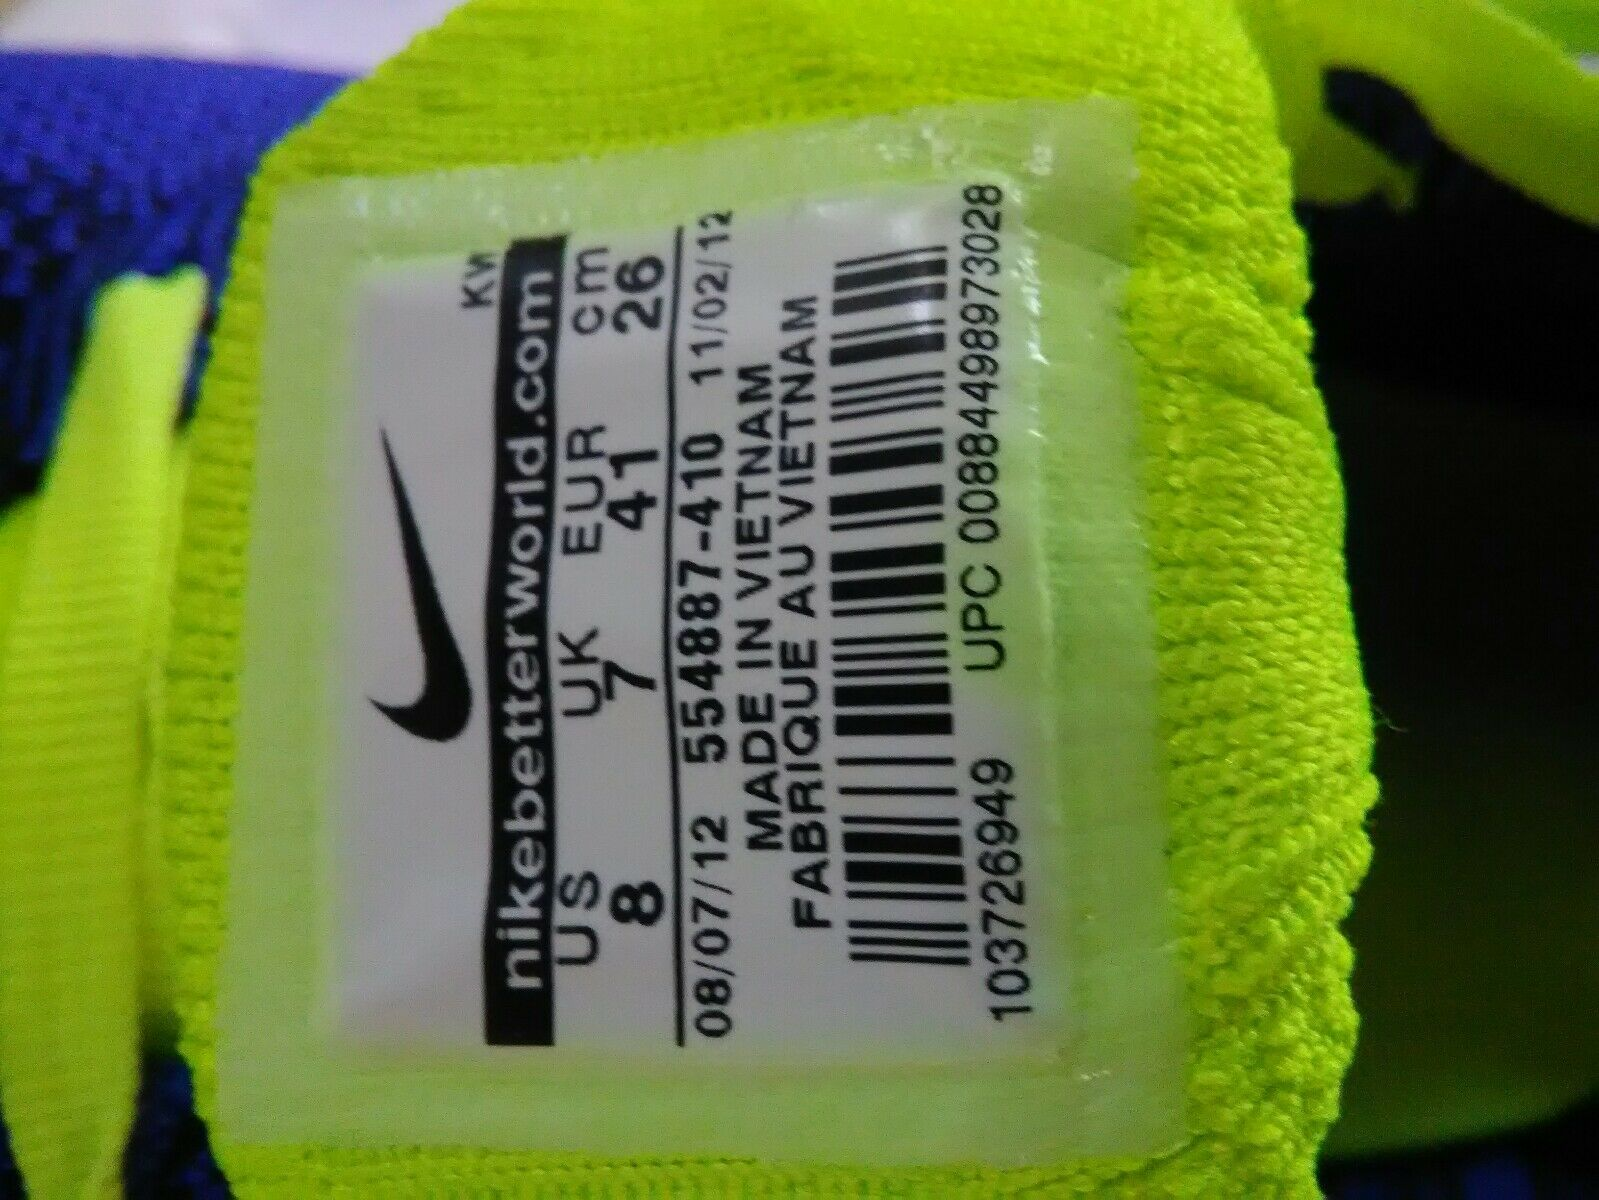 nike flyknit eine 1 größe - mens laufschuhe - größe 1 8 blaue neue 1b9464